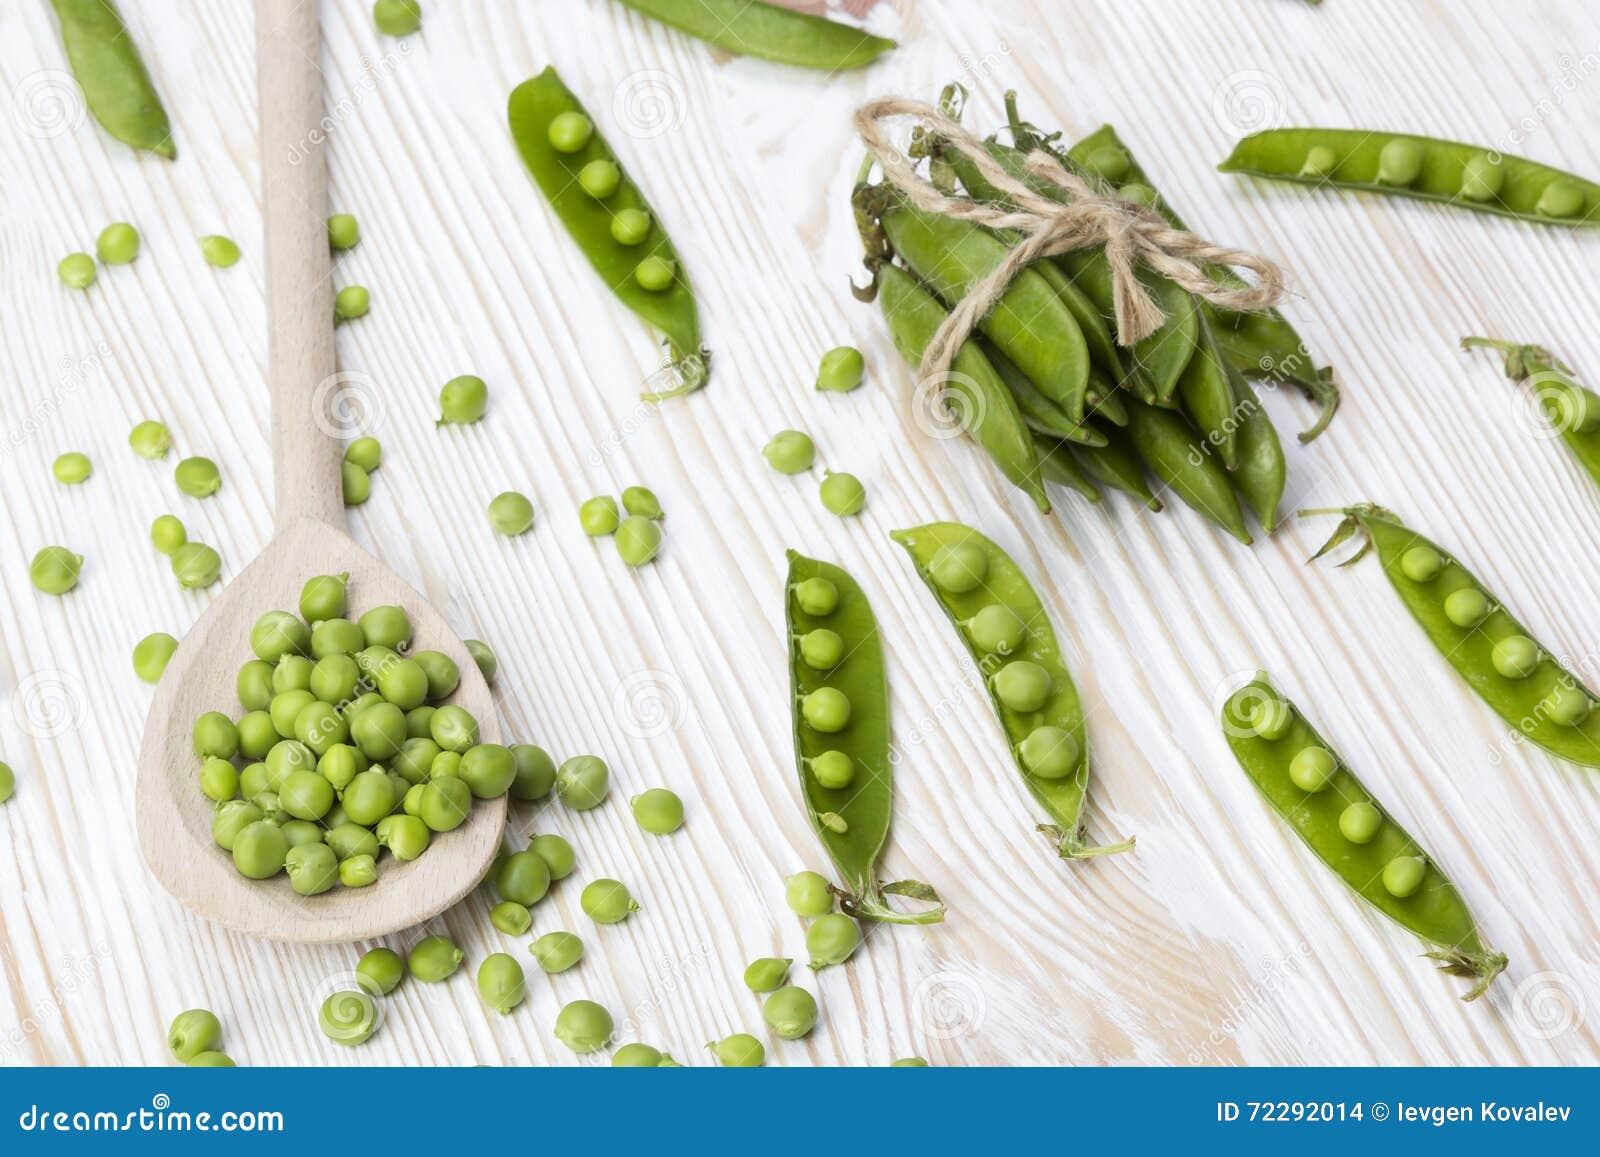 Download Зеленые горохи на деревянном столе Стоковое Фото - изображение насчитывающей предмет, lifestyle: 72292014